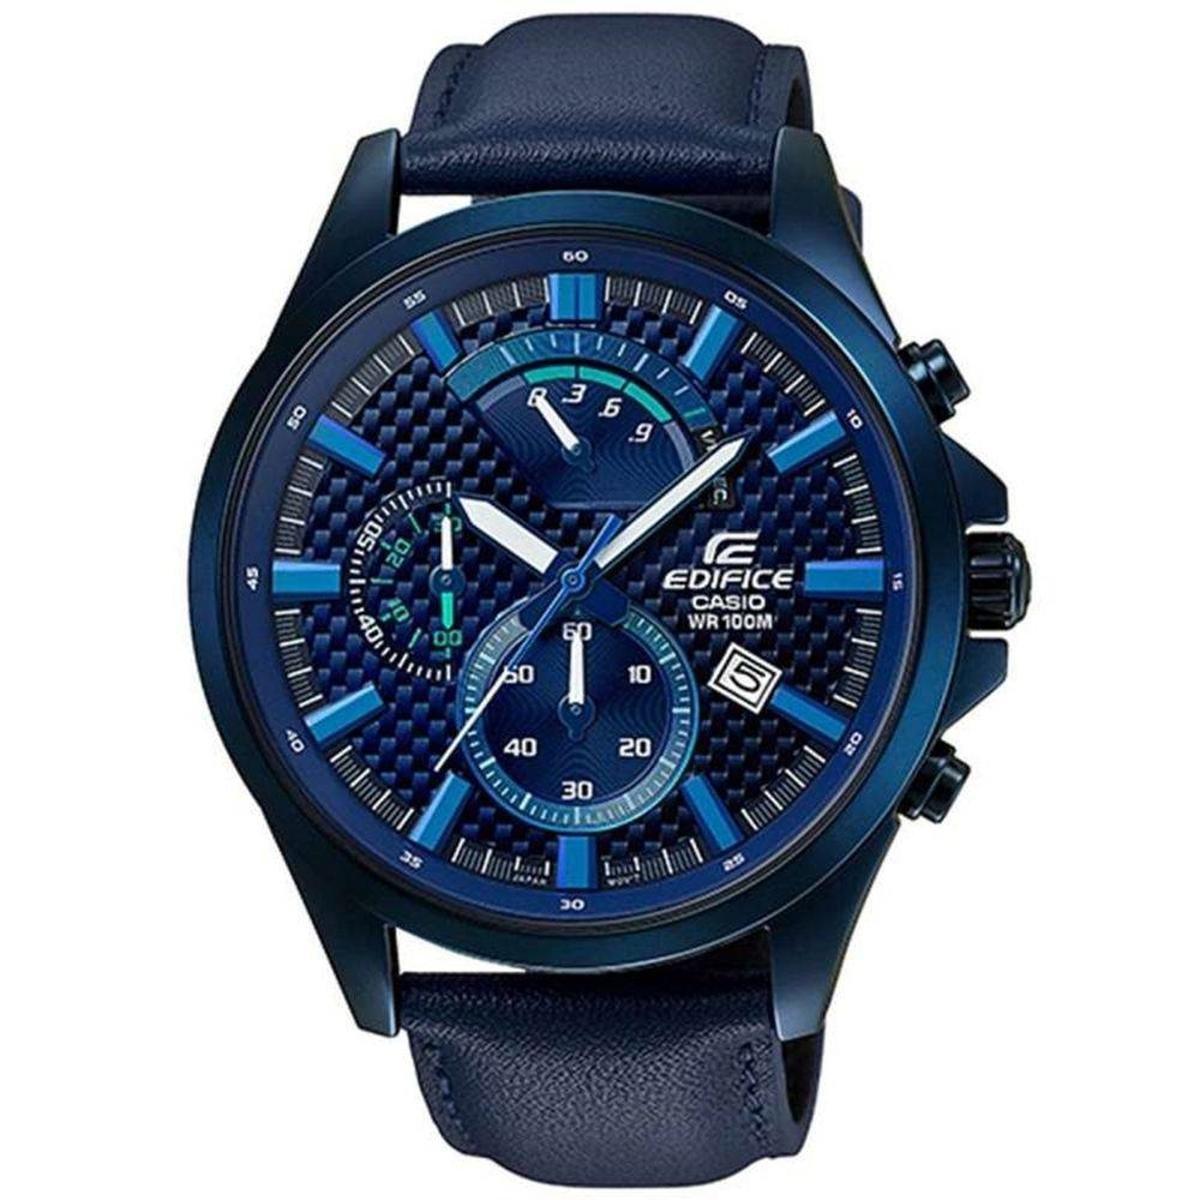 1062e7e7e5f Relógio Masculino Casio Edifice Efv 530Bl 2Avudf - Azul - Compre ...